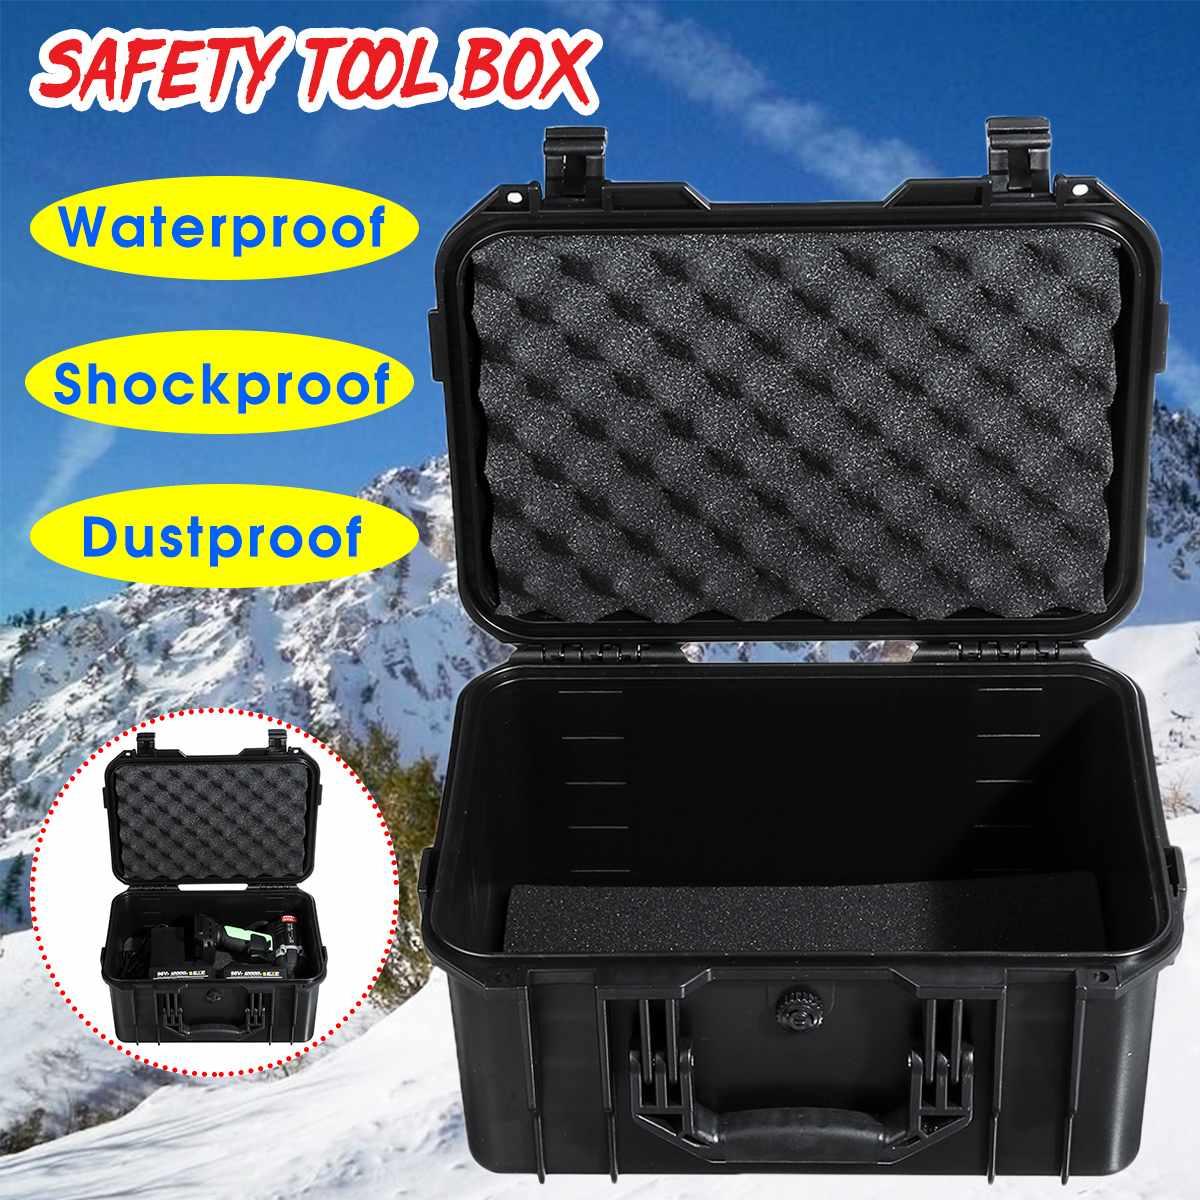 ABS Versiegelt Instrument Werkzeug Box Sicherheit Ausrüstung Toolbox Stoßfest Auswirkungen Beständig Werkzeug Fall Koffer Lagerung Box Mit Schaum